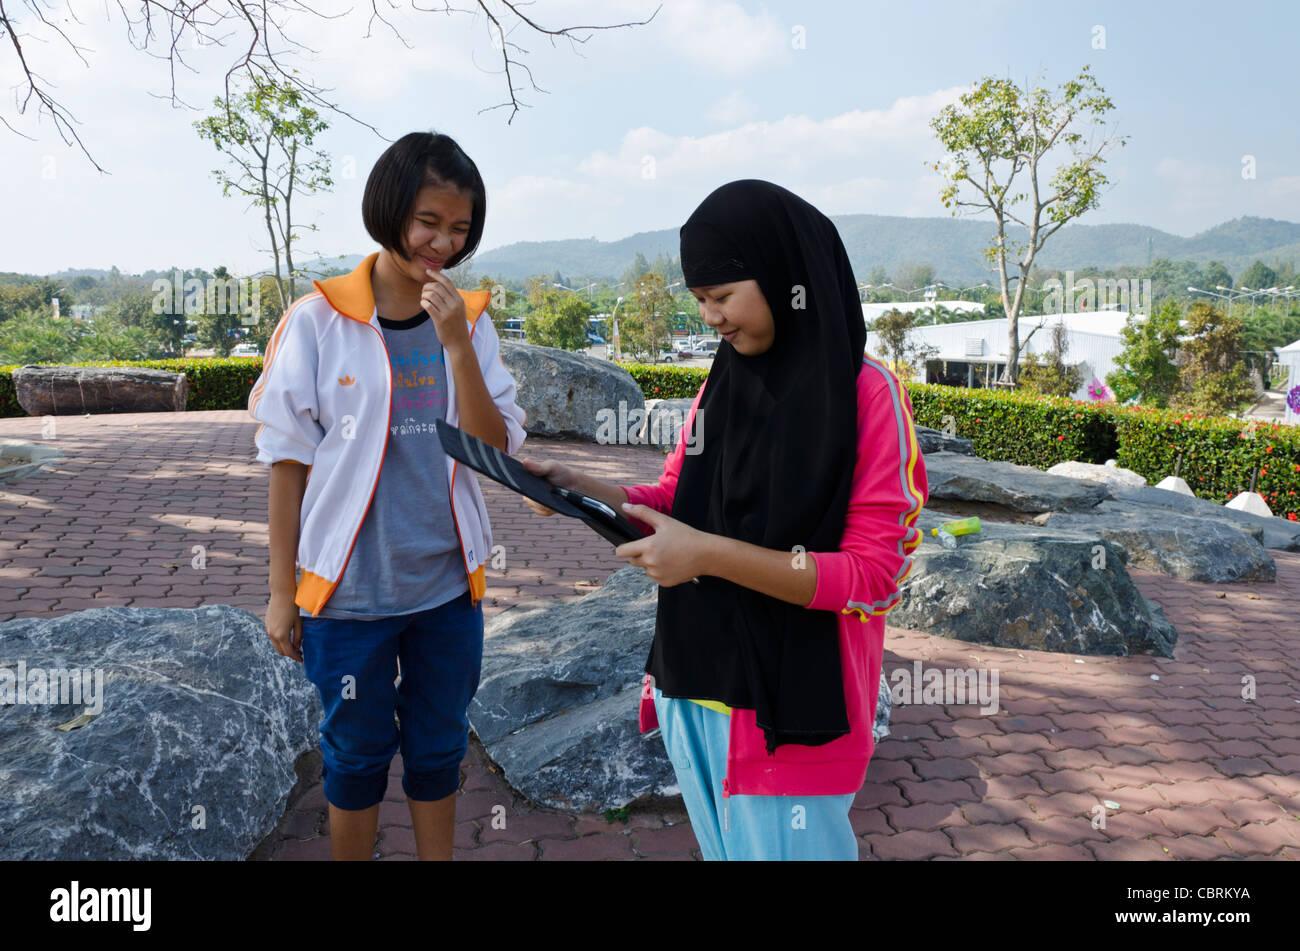 Sorridente musulmano Thai ragazza adolescente indossando lunga testa nera sciarpa guarda le foto sul suo iPad con Foto Stock